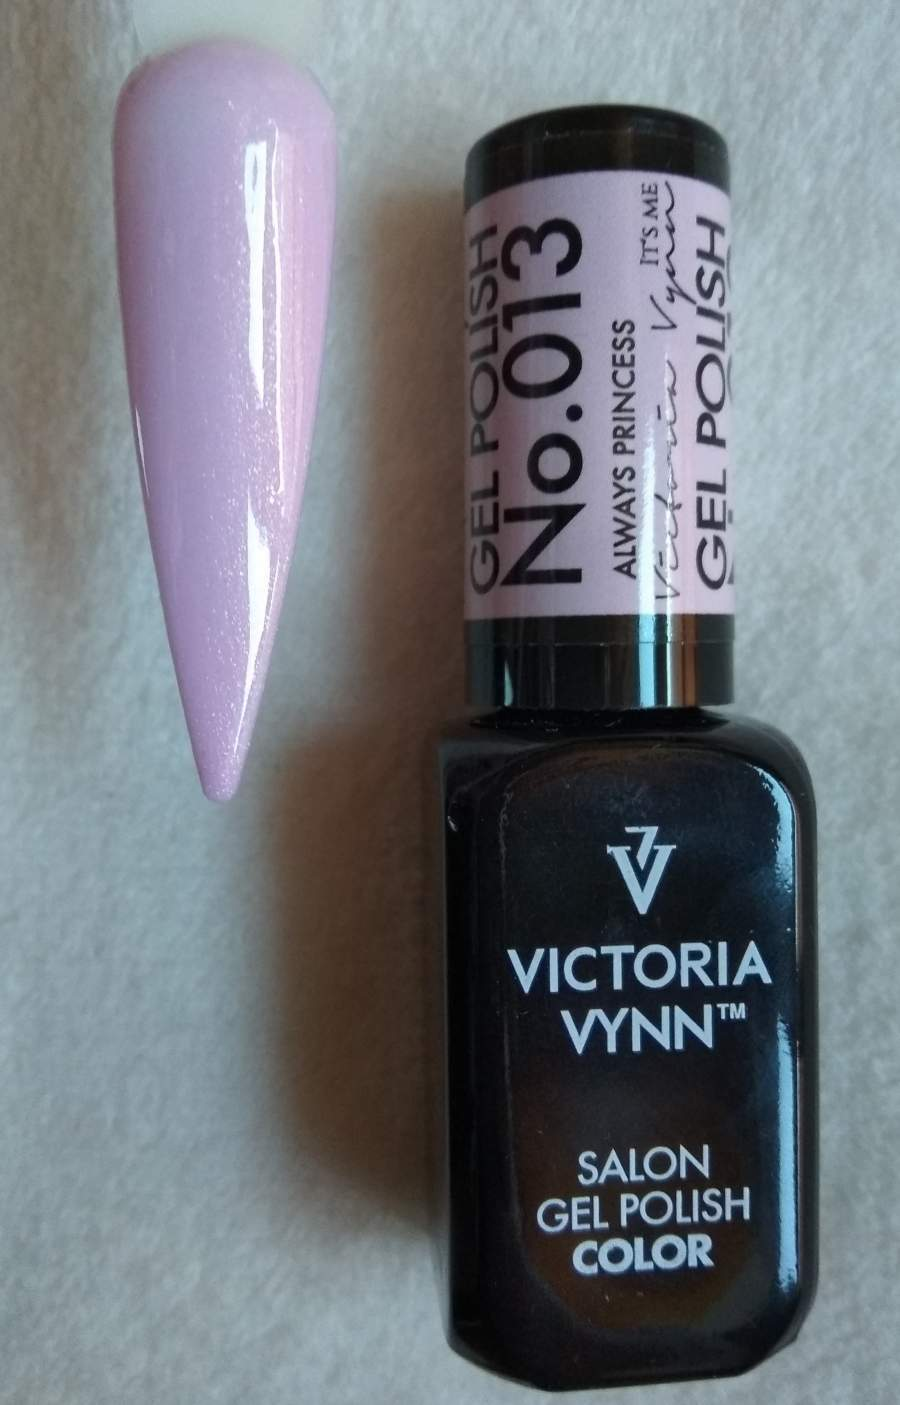 Victoria Vynn Verniz Gel Nº 013 - Always Princess - 8 ml